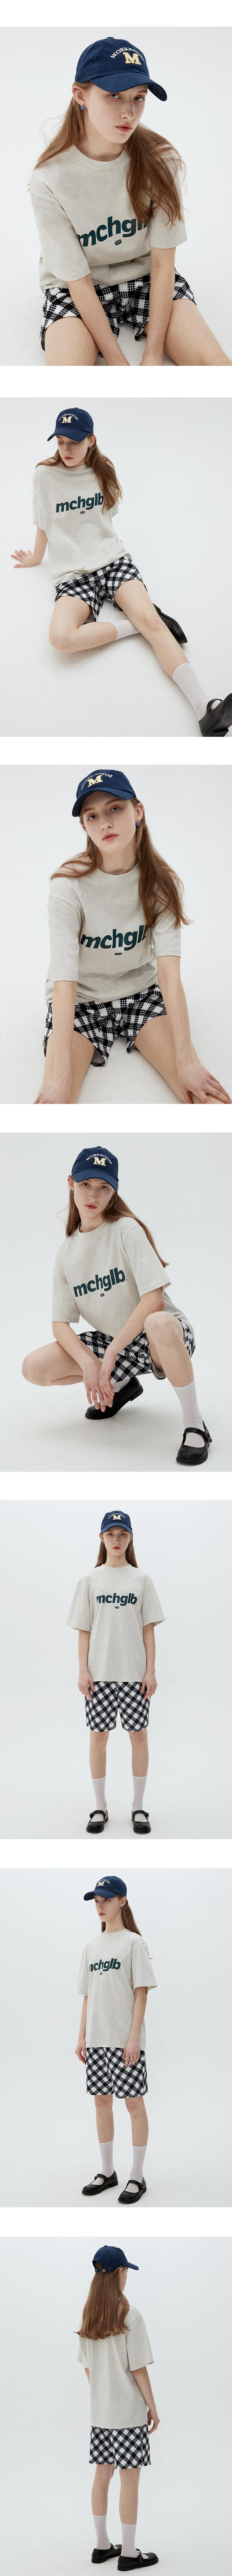 매치글로브(MATCHGLOBE) MCHGLB 박스핏 티 (오트밀)